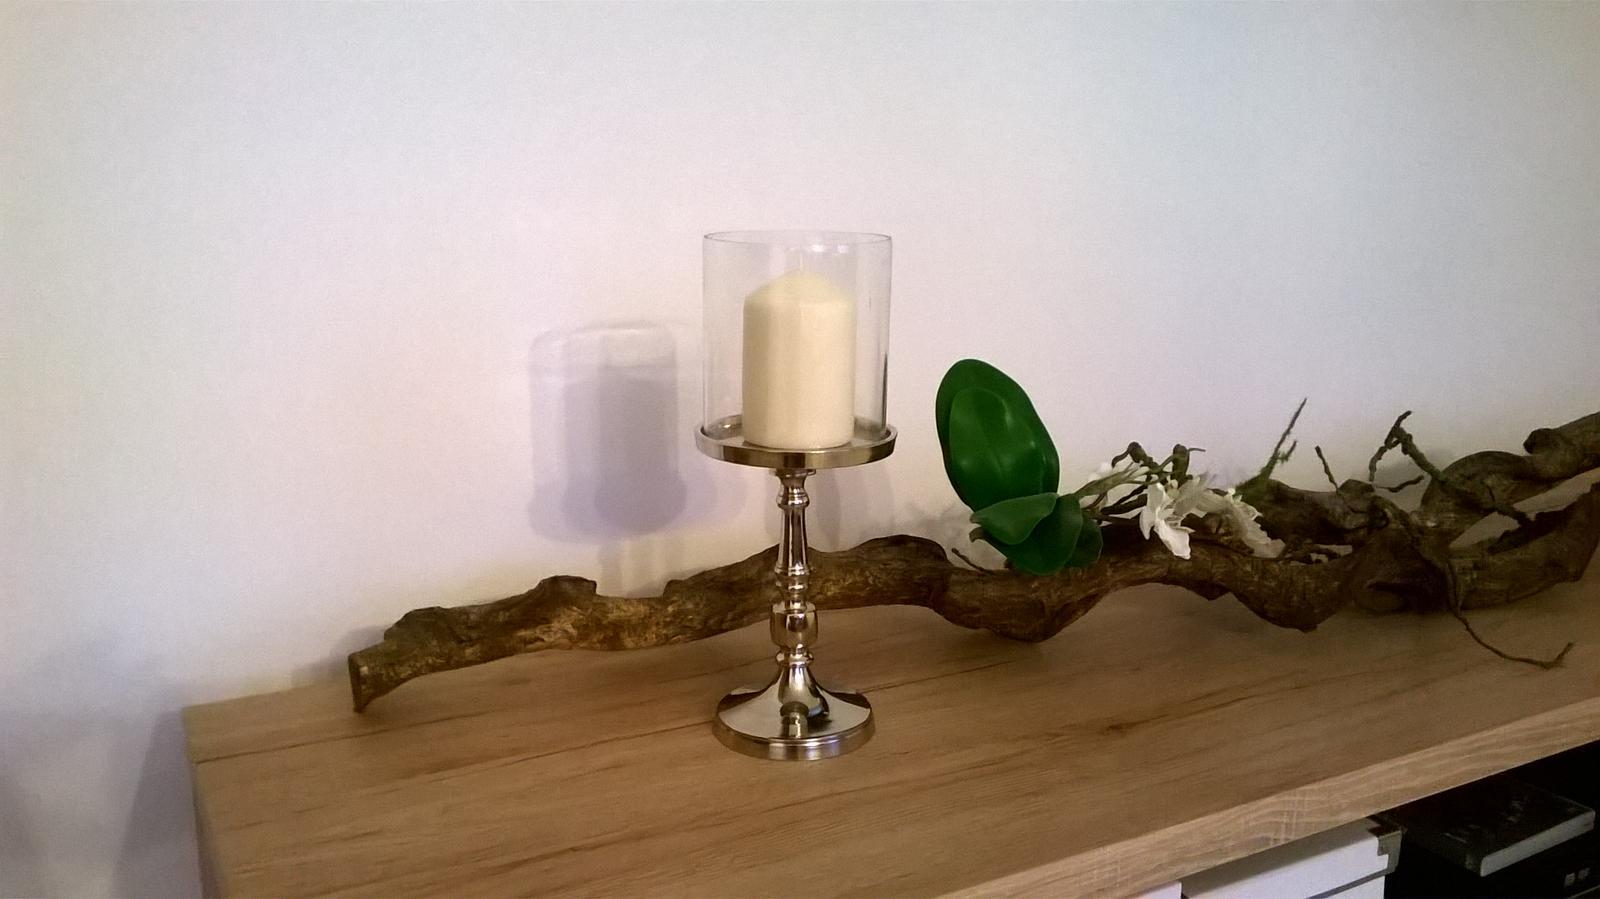 Stavba dřevostavby - Tak tomuhle svícnu jsem neodolala